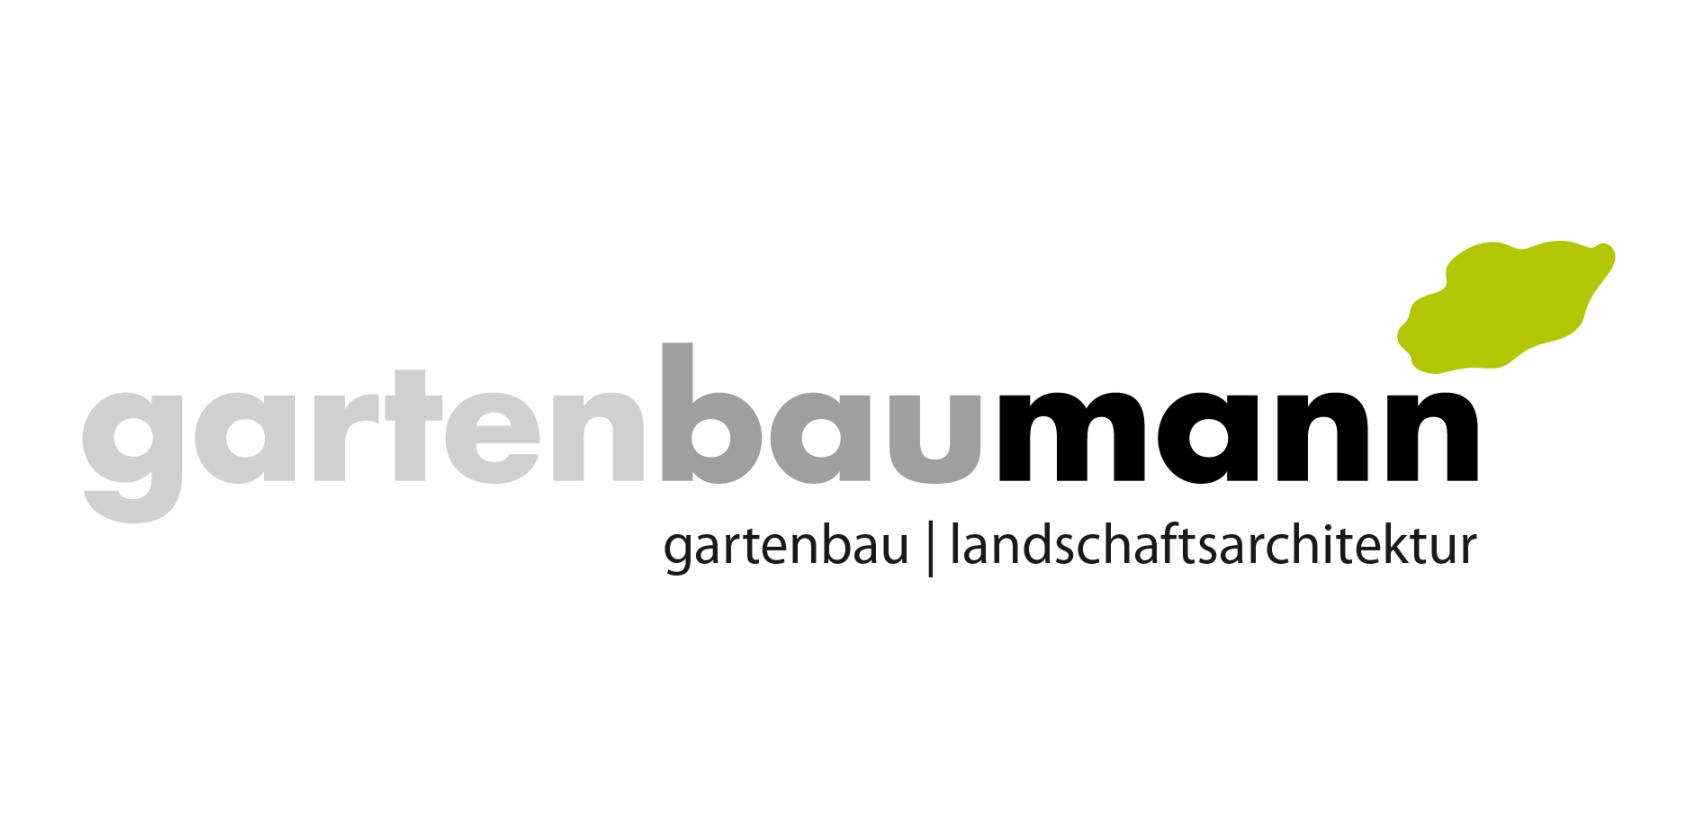 gartenbaumann AG, Wangen b. Olten